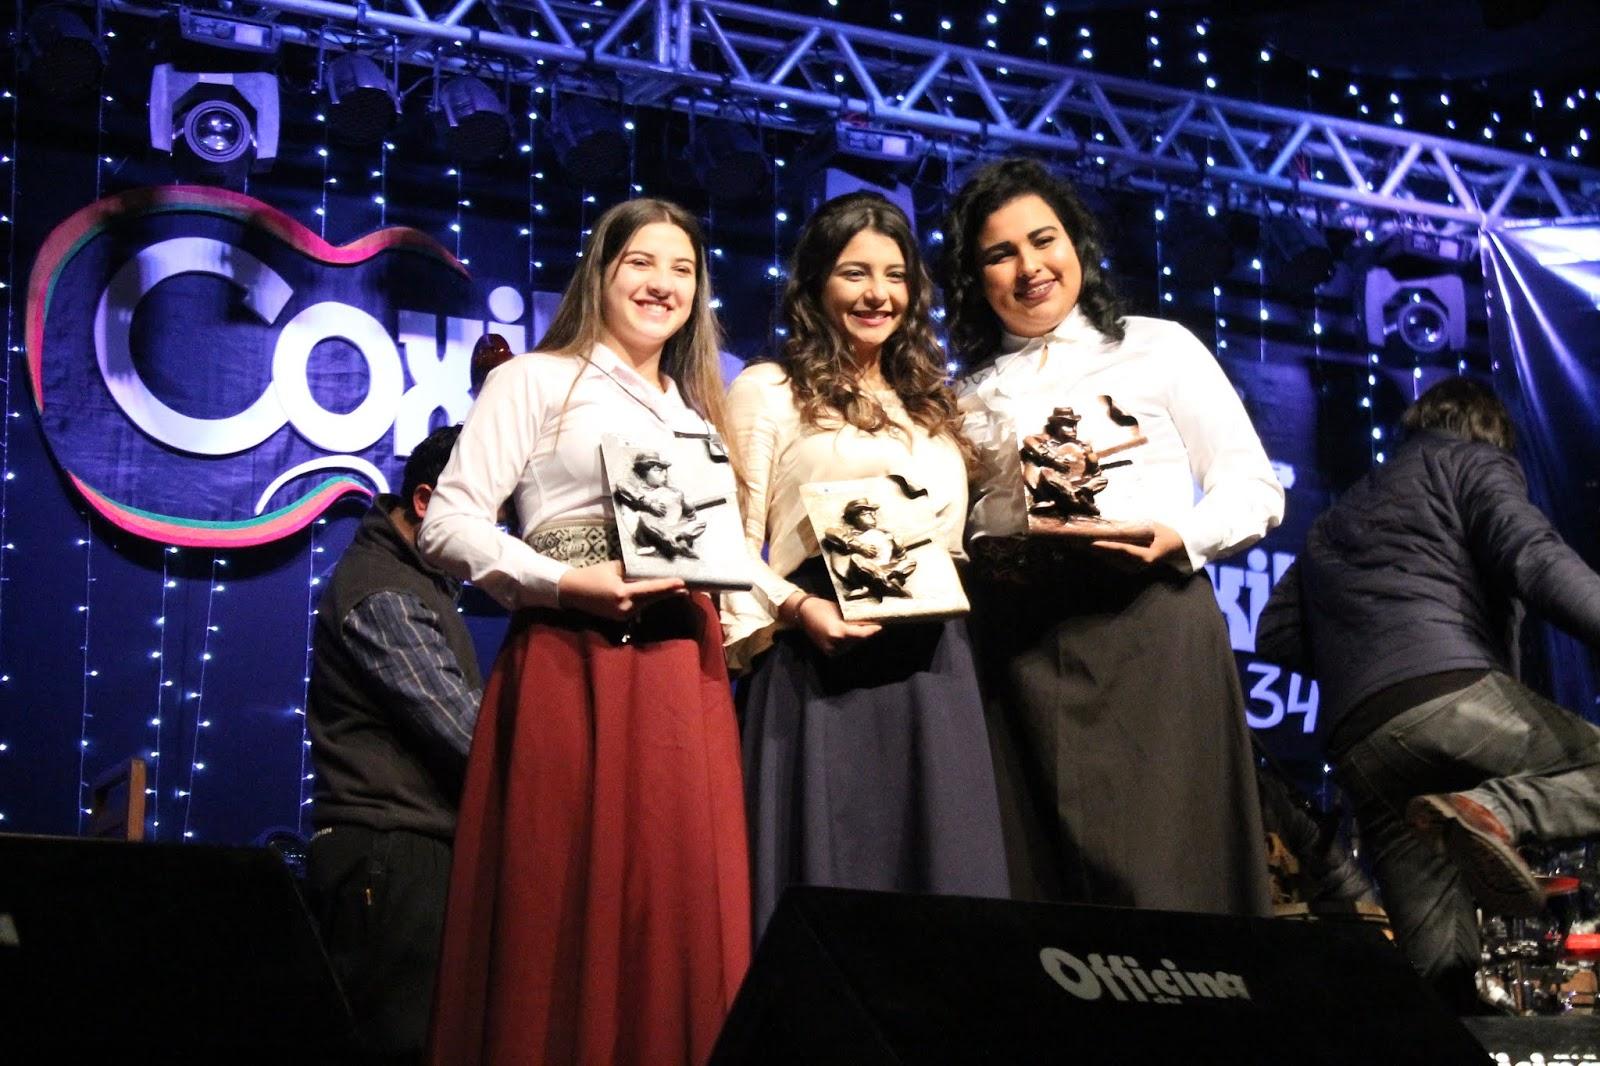 Conhecidas as vencedoras da Categoria Piá Taludo na Coxilha Piá